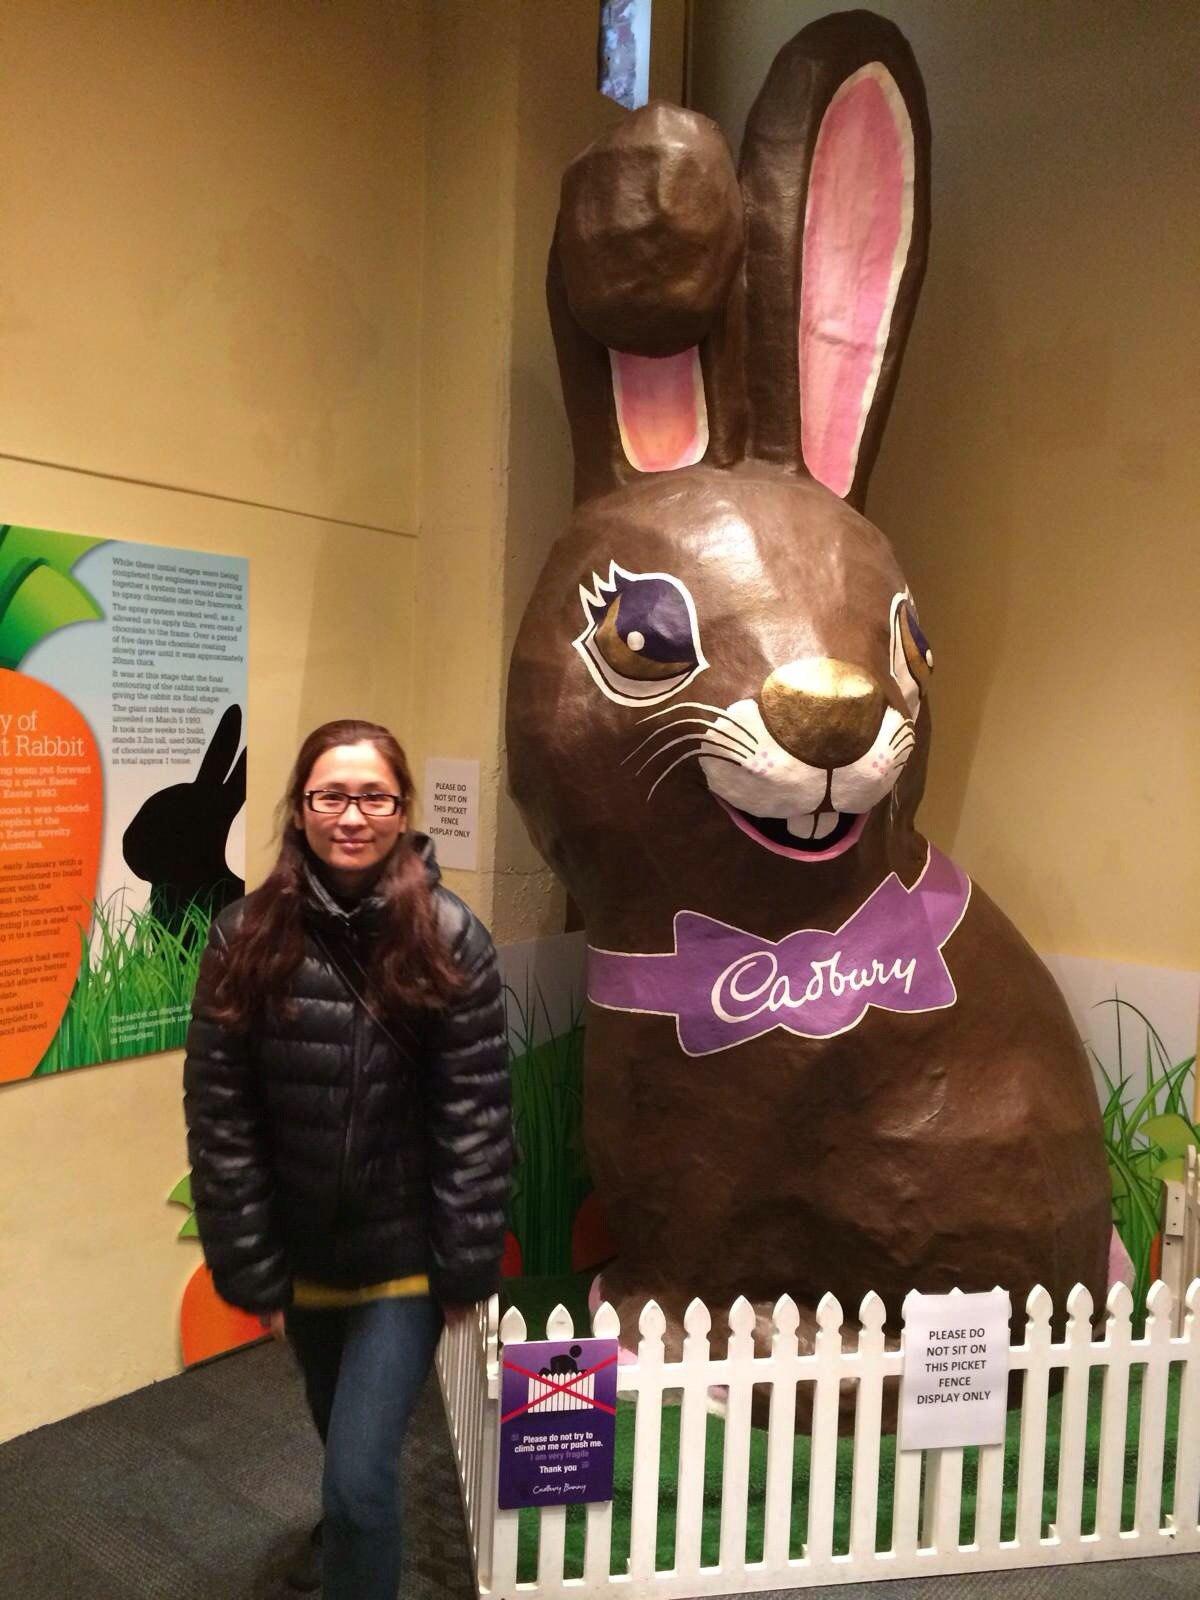 吉百利巧克力工厂